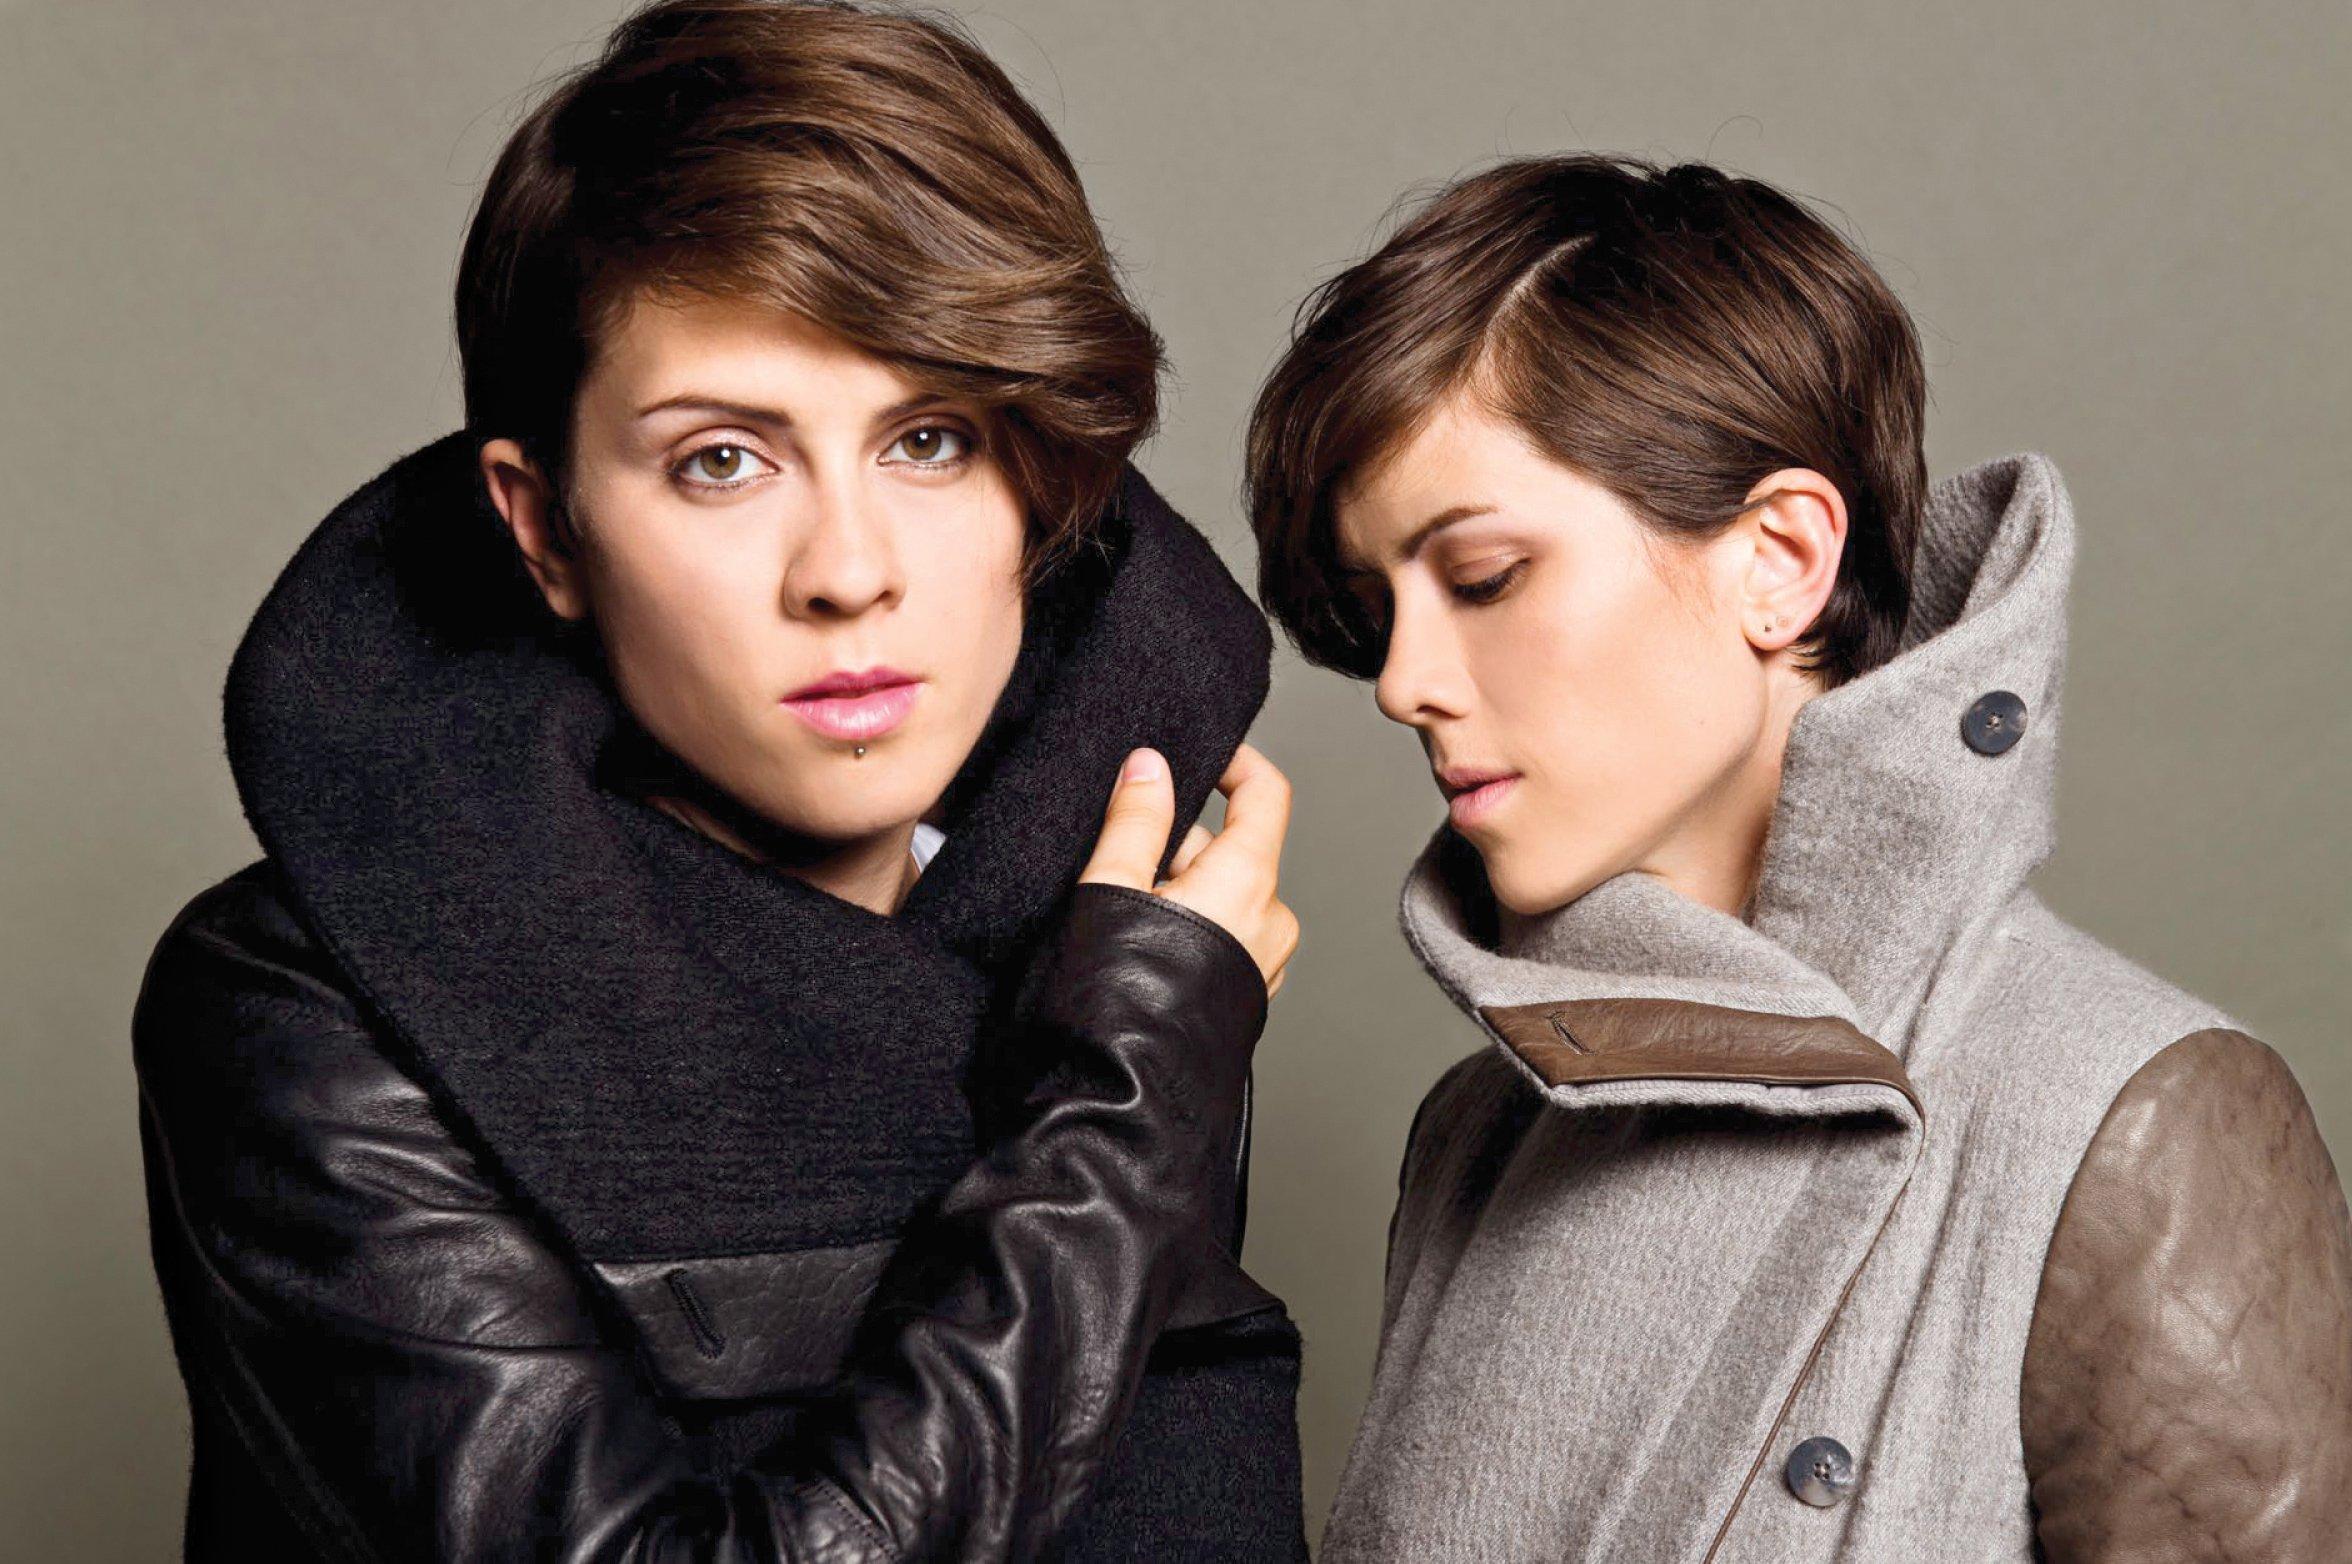 Tegan and Sara, Feb 13, p28